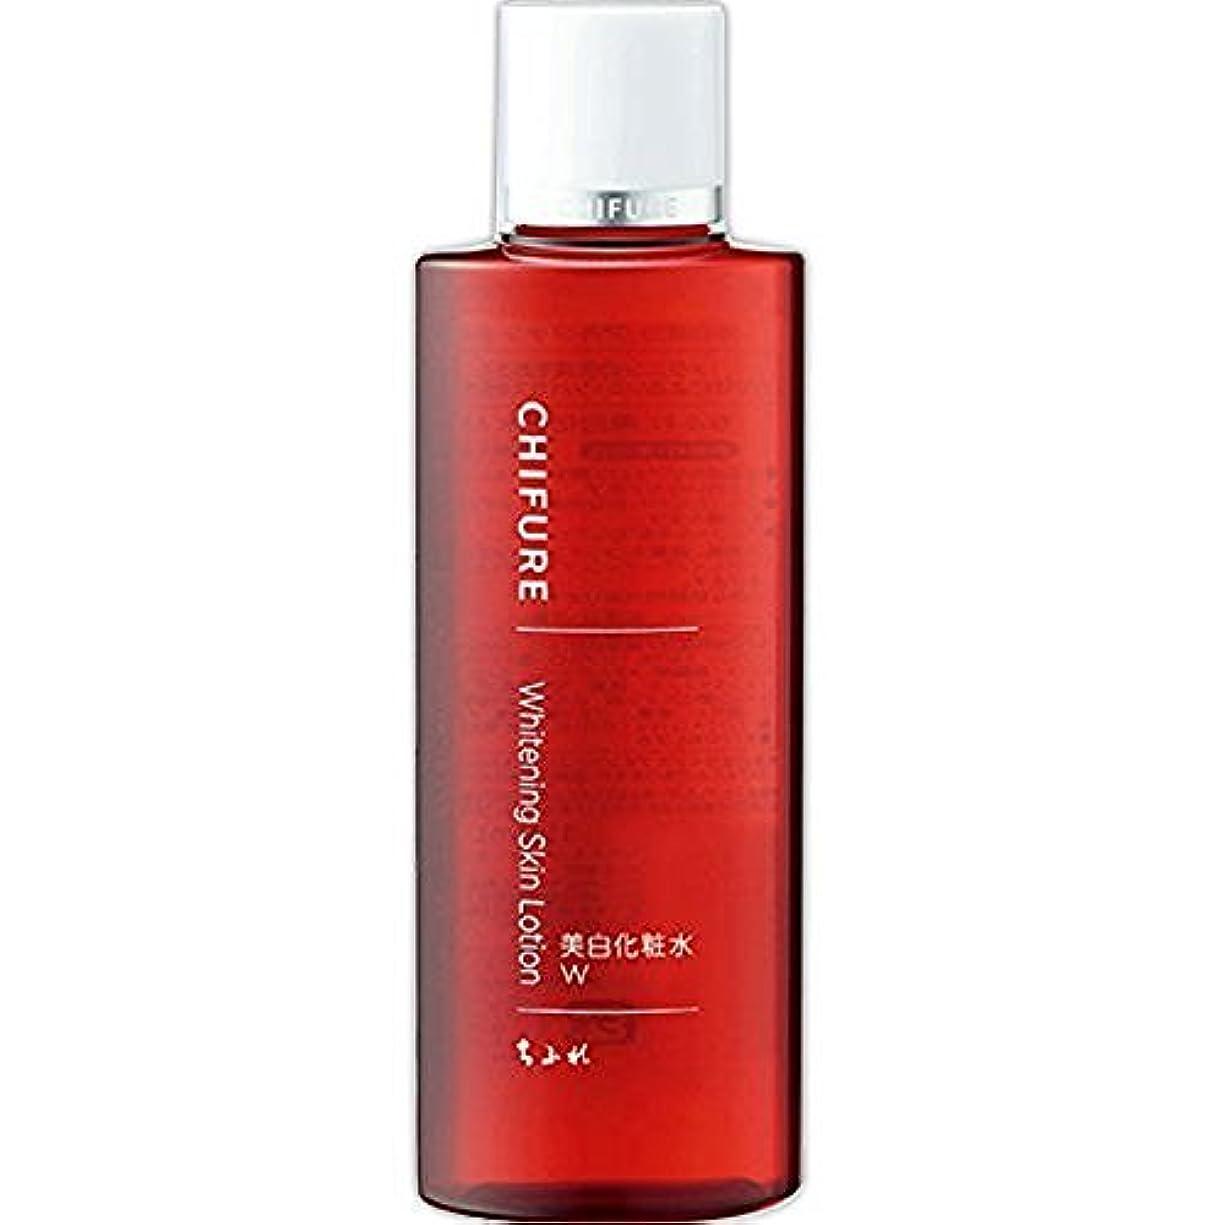 。素朴なブラインドちふれ化粧品 美白化粧水 W 180ML (医薬部外品)